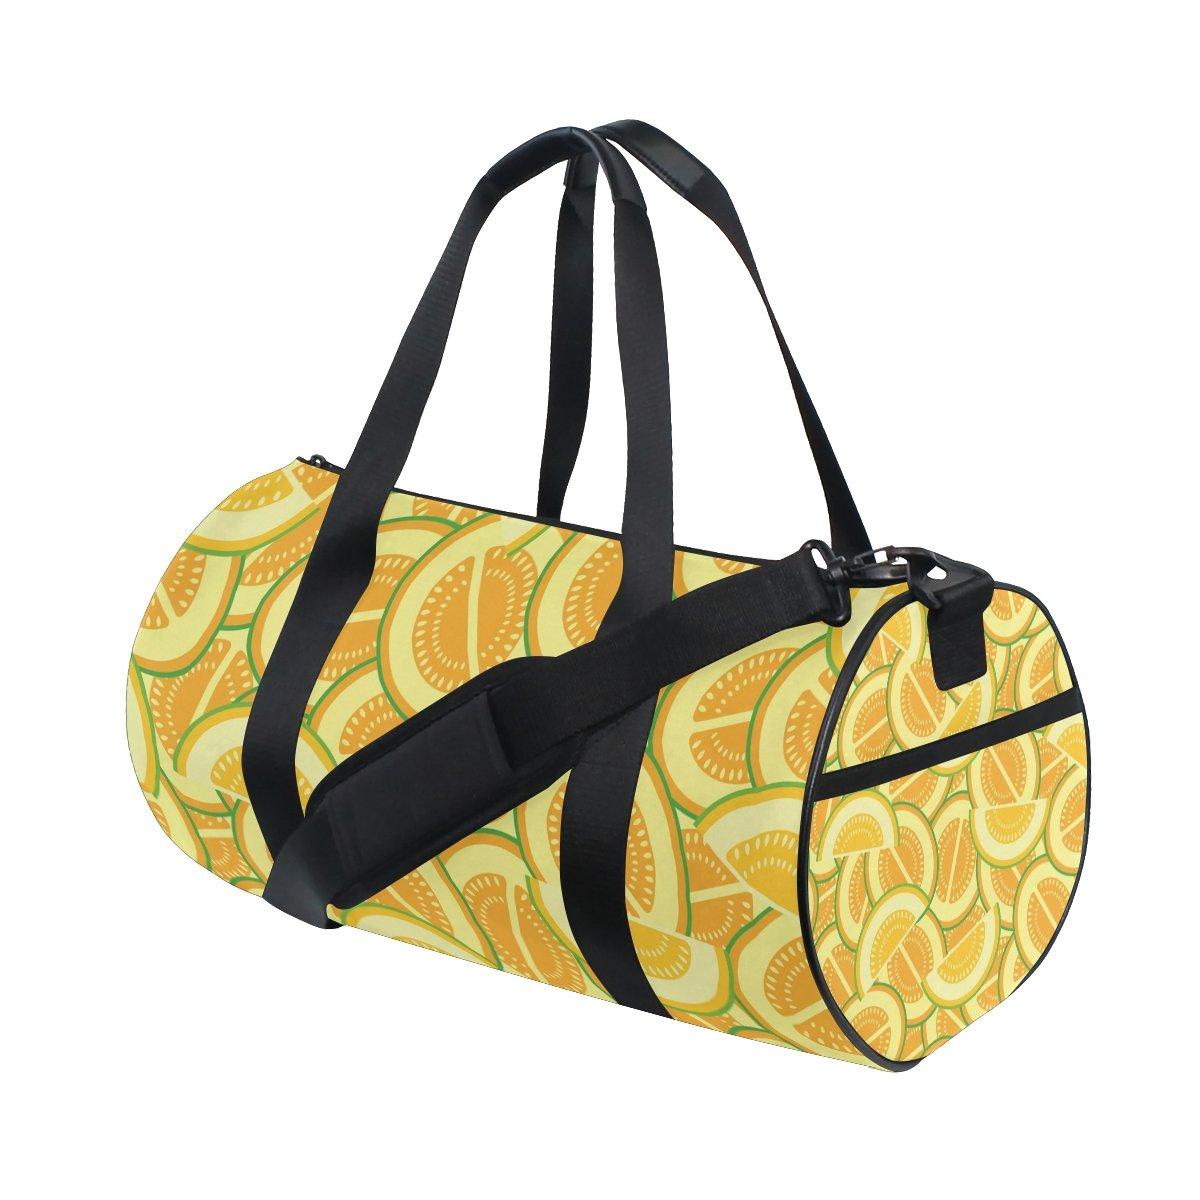 Gym Duffel Bag Summer Melon Slice Sports Lightweight Canvas Travel Luggage Bag